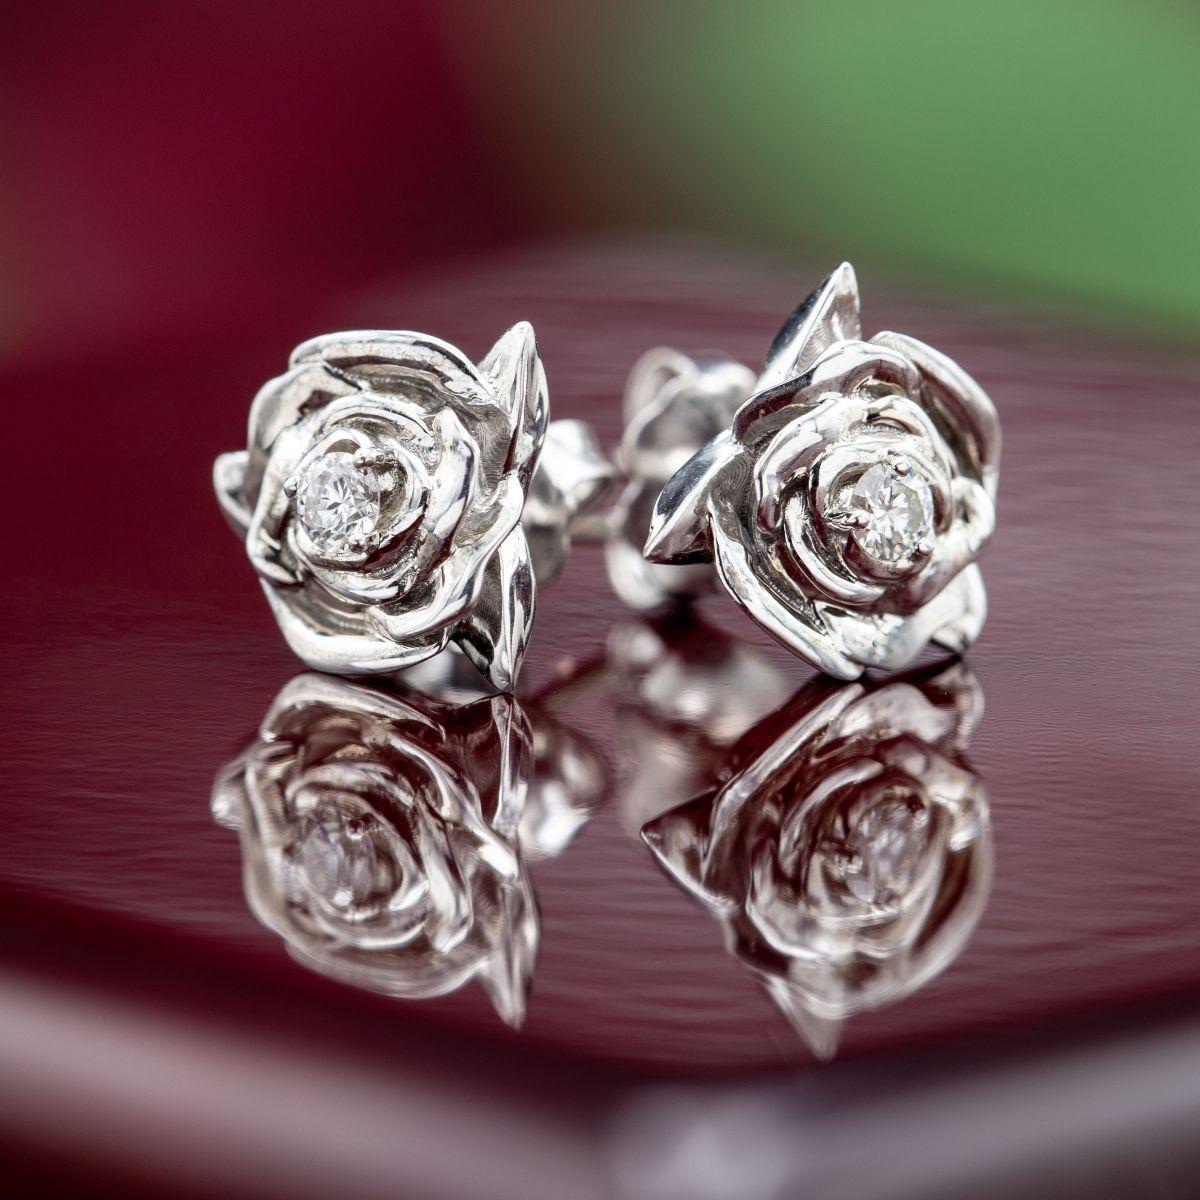 Custom Earrings Design Your Own Earrings Custommade Com